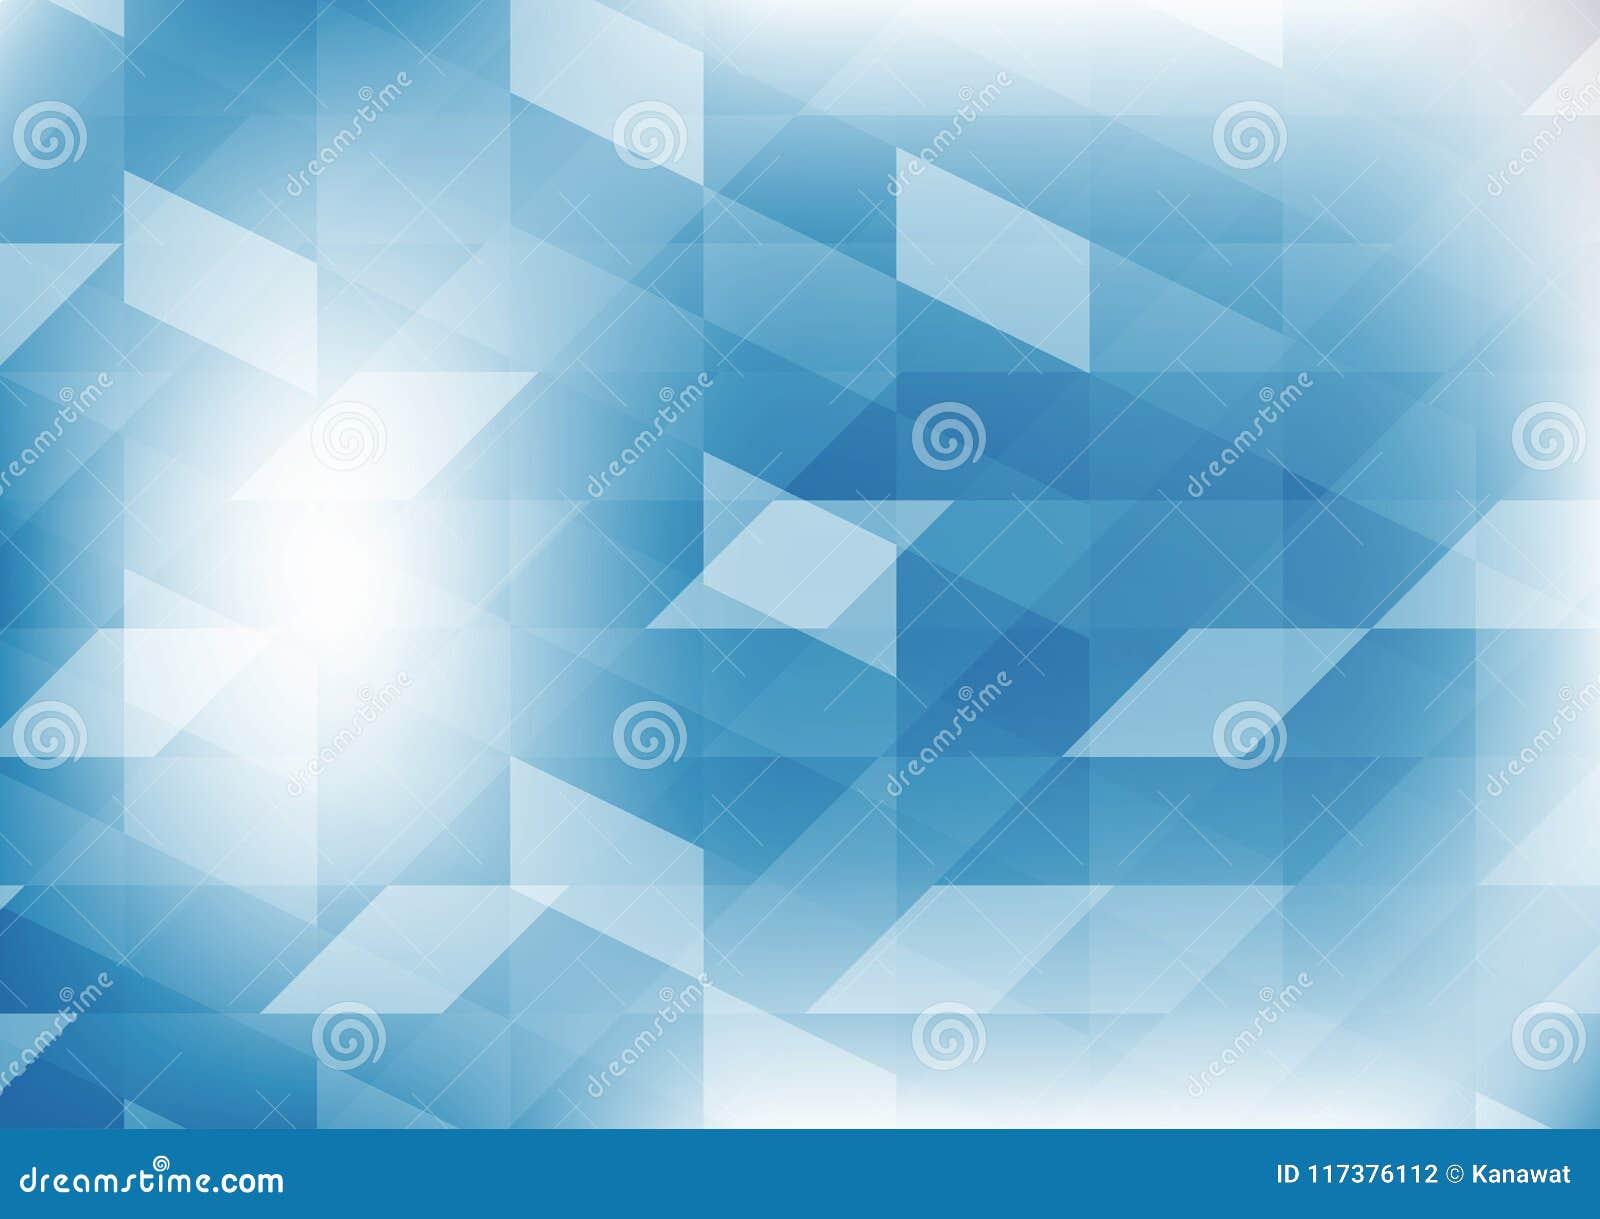 导航几何蓝色彩色插图图表抽象背景 传染媒介您的事务的多角形设计